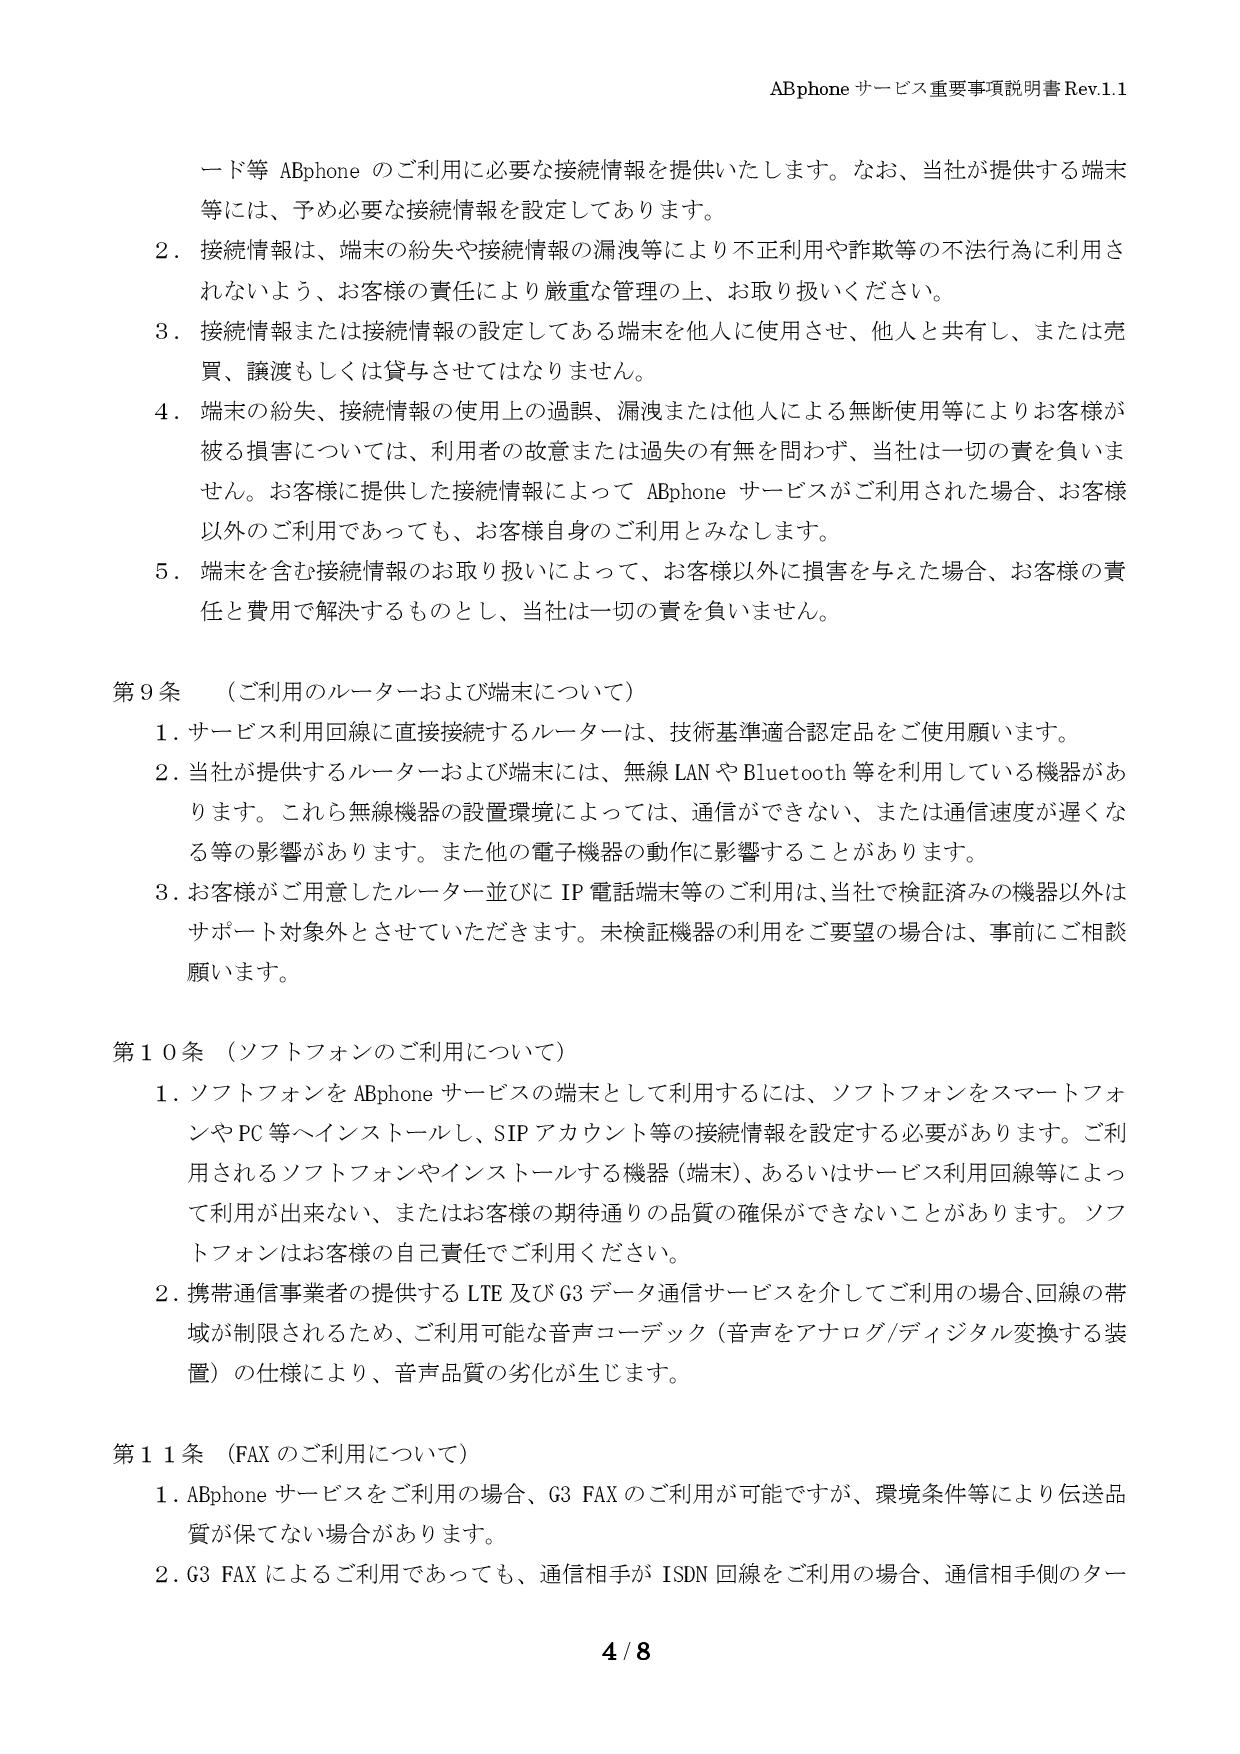 重要事項説明 4/8